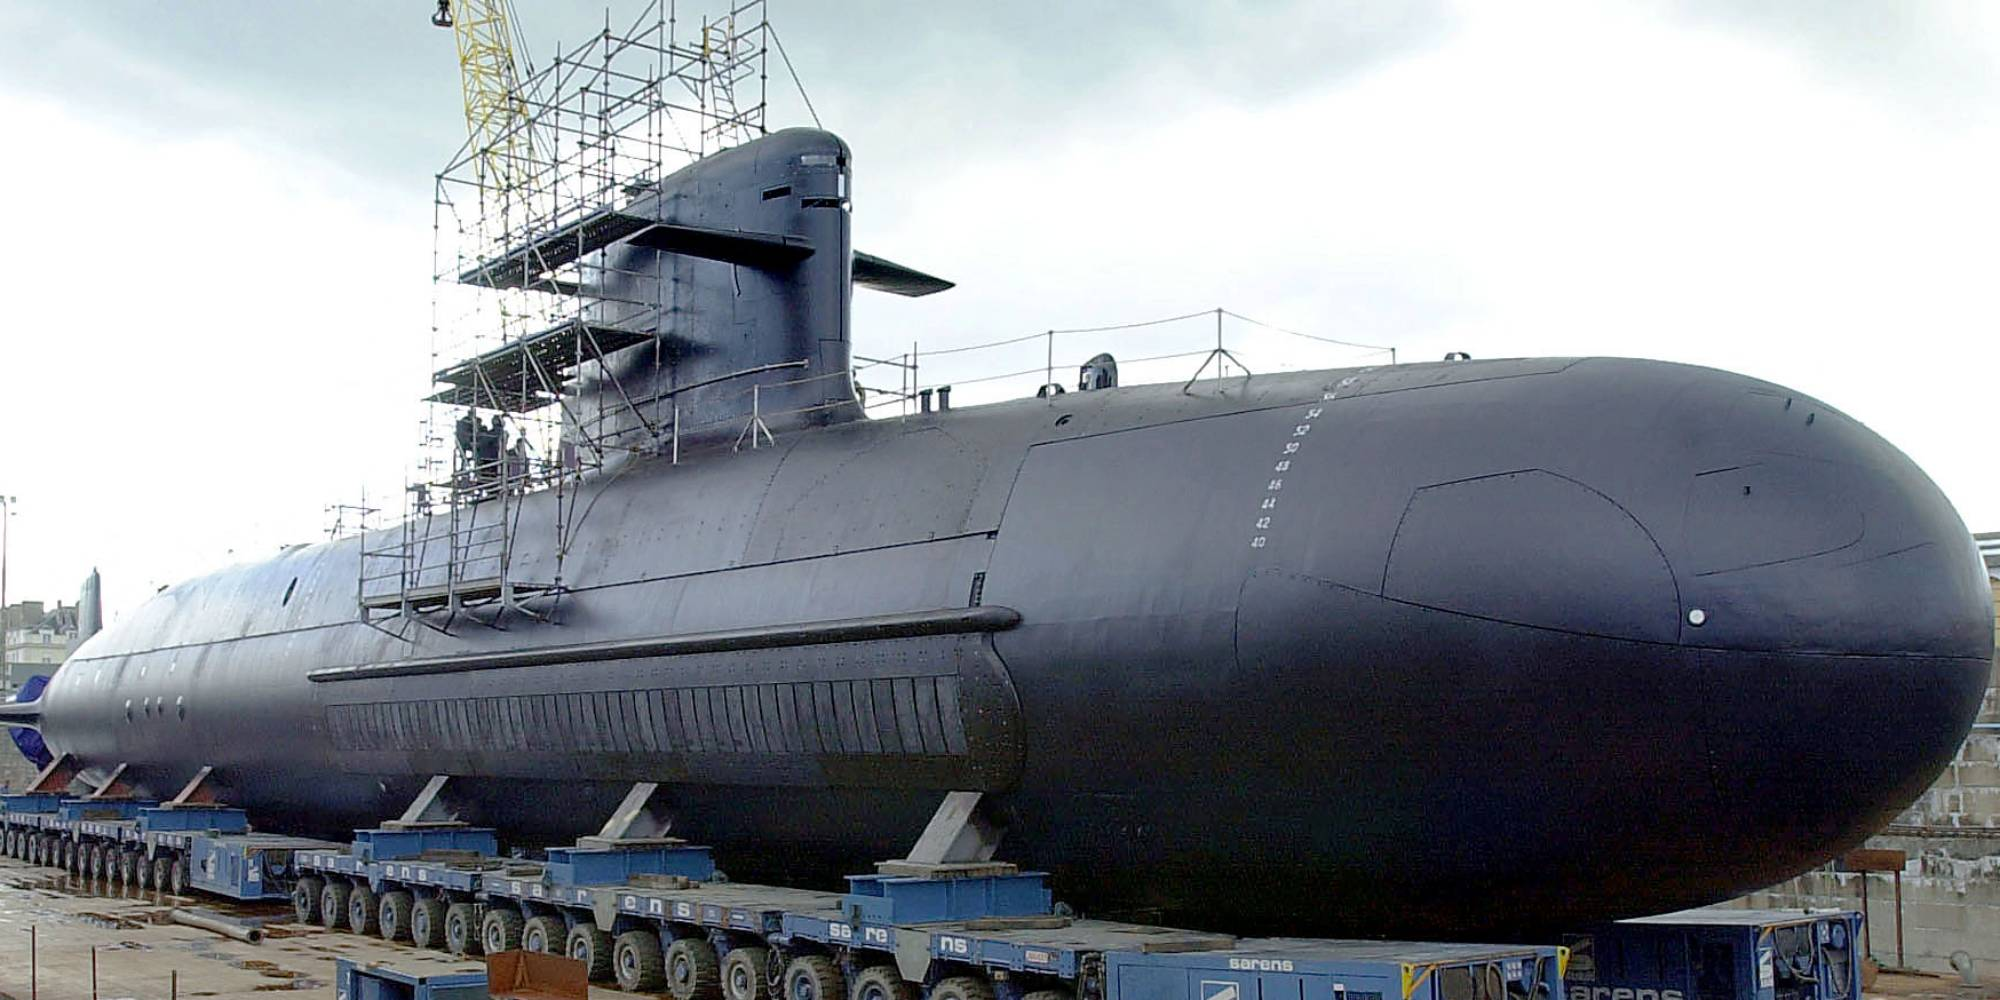 Crise des sous-marins : voici pourquoi l'Australie a choisi de renoncer au contrat français